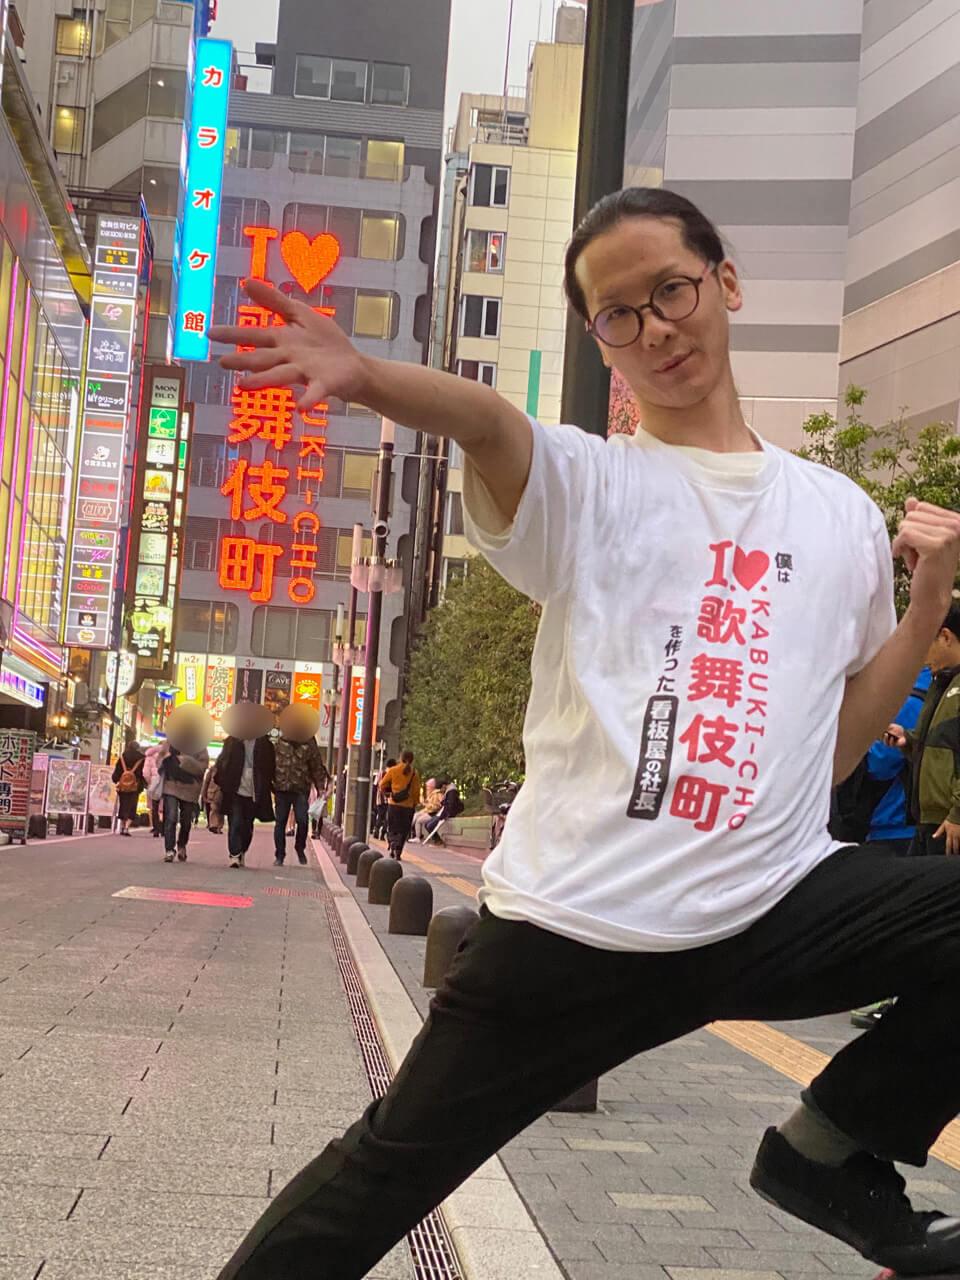 キレッキレの加藤さんが行く!